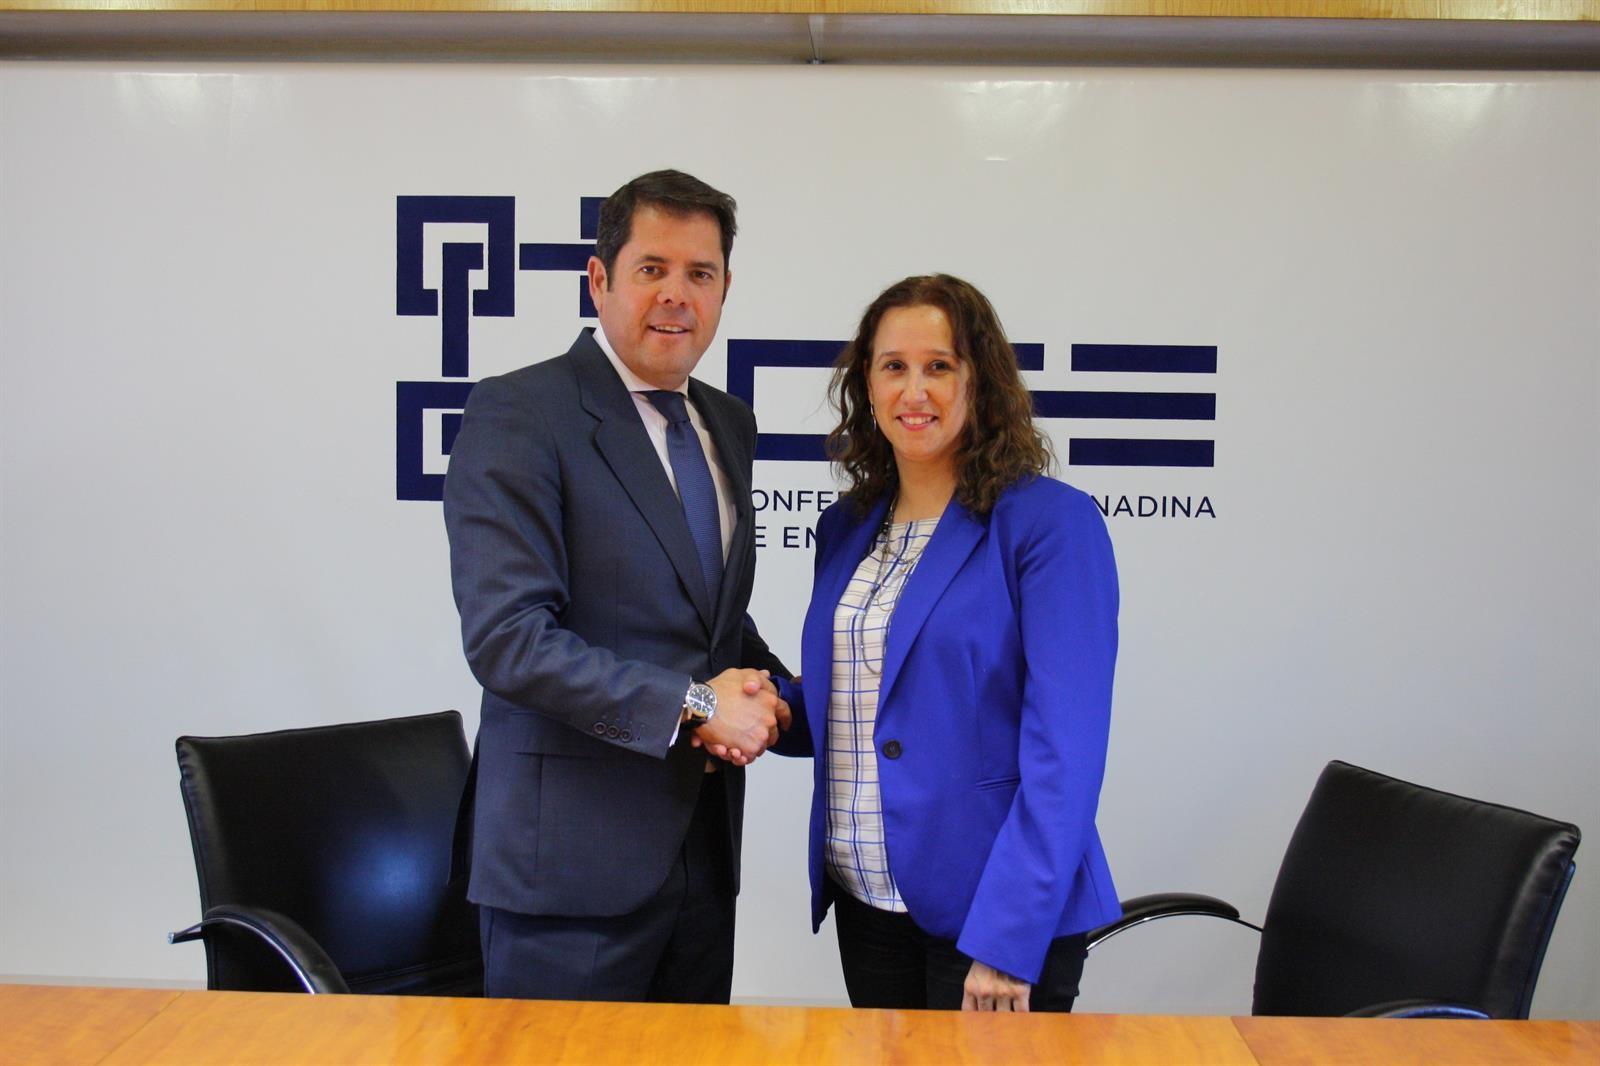 La CGE y Mercadona refuerzan su compromiso con la labor empresarial en la provincia